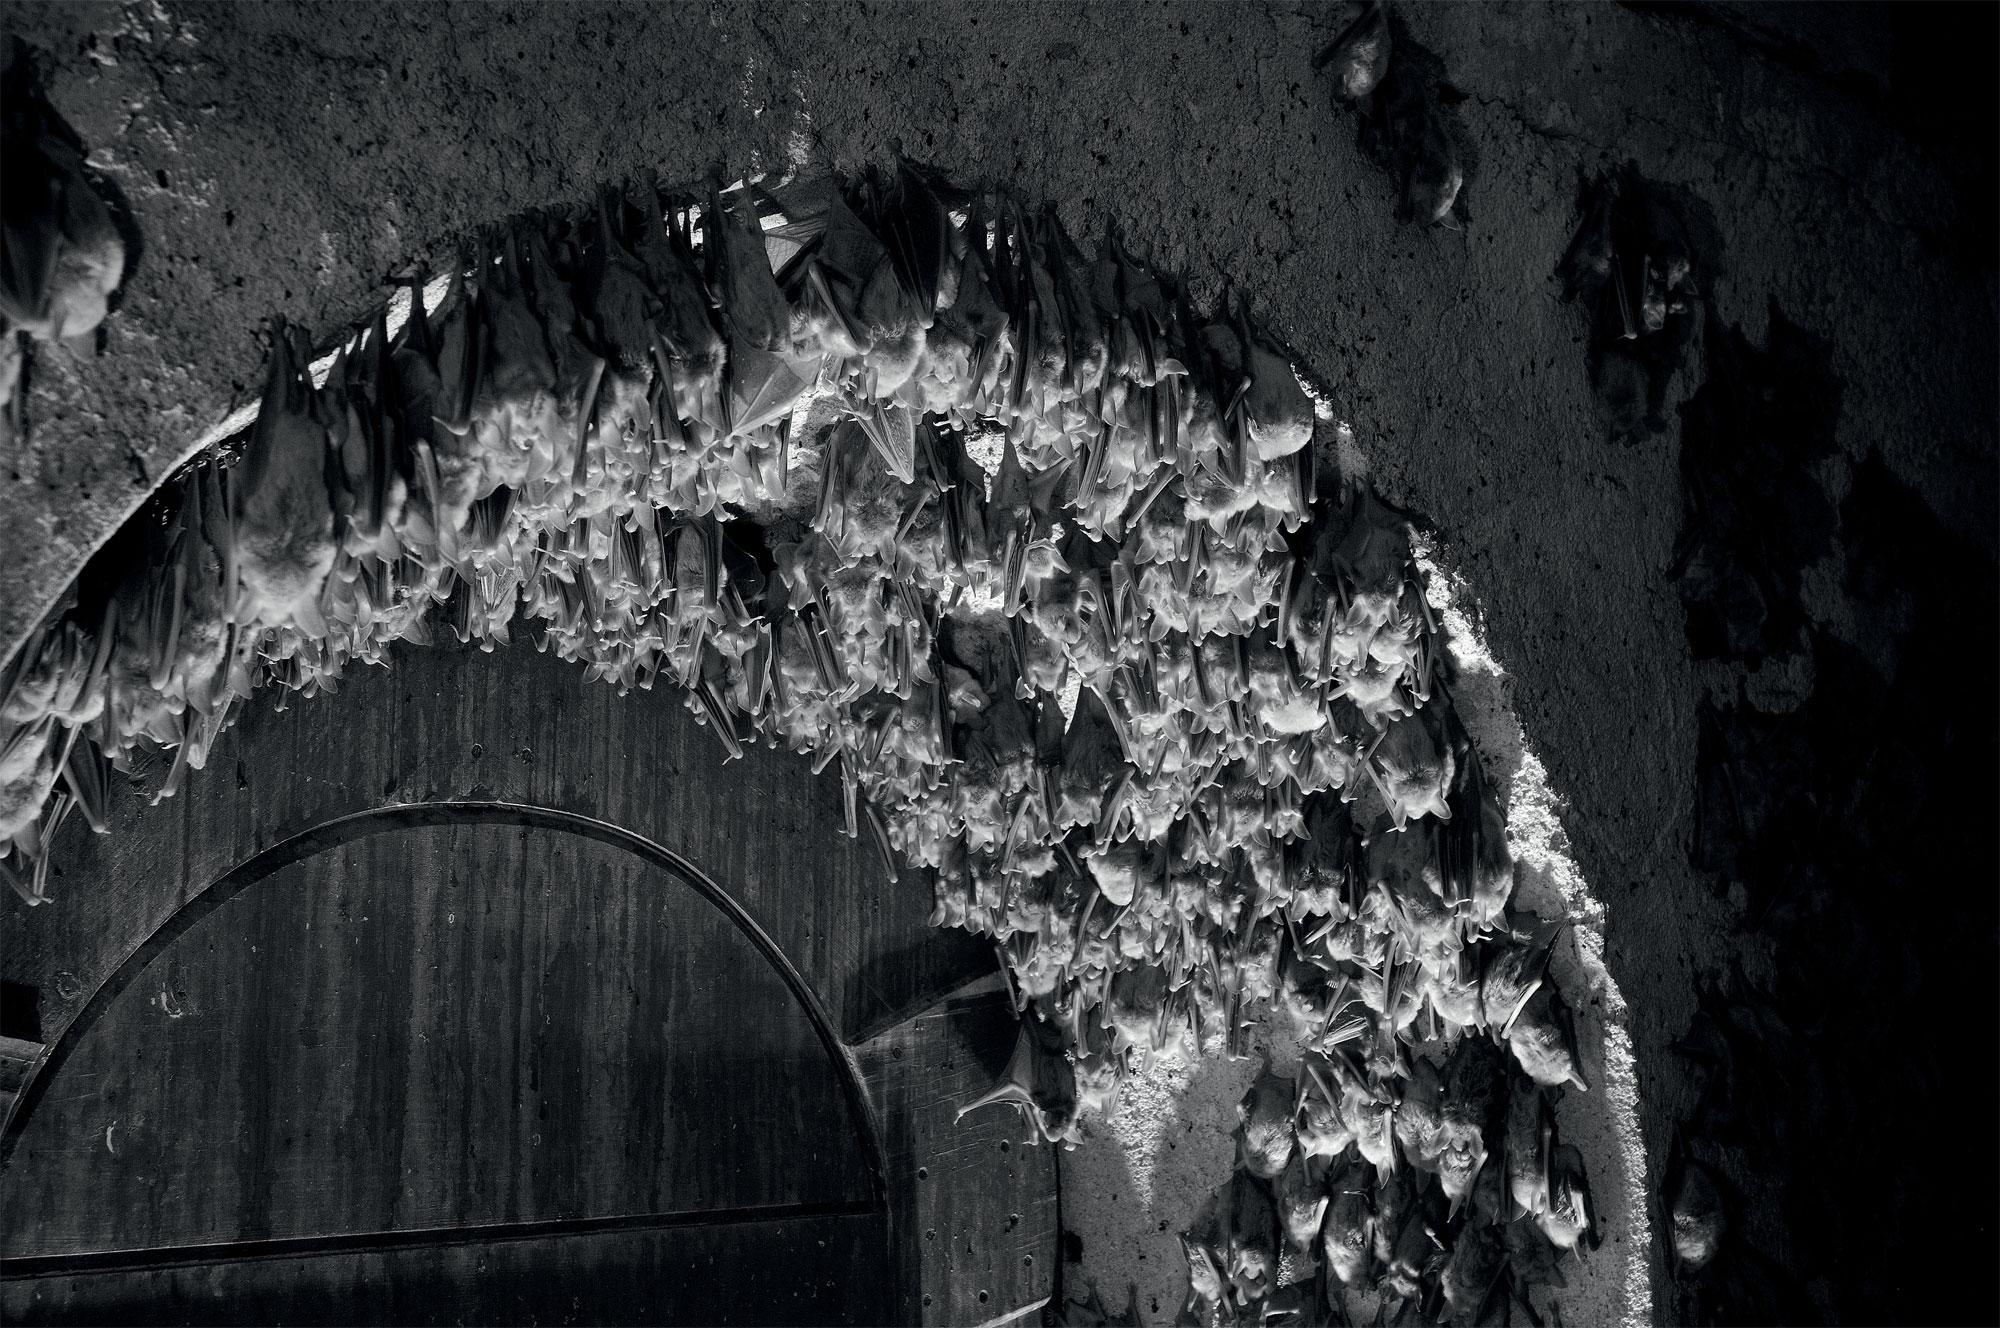 Des chauves-souris photographiées de nuit en infrarouge